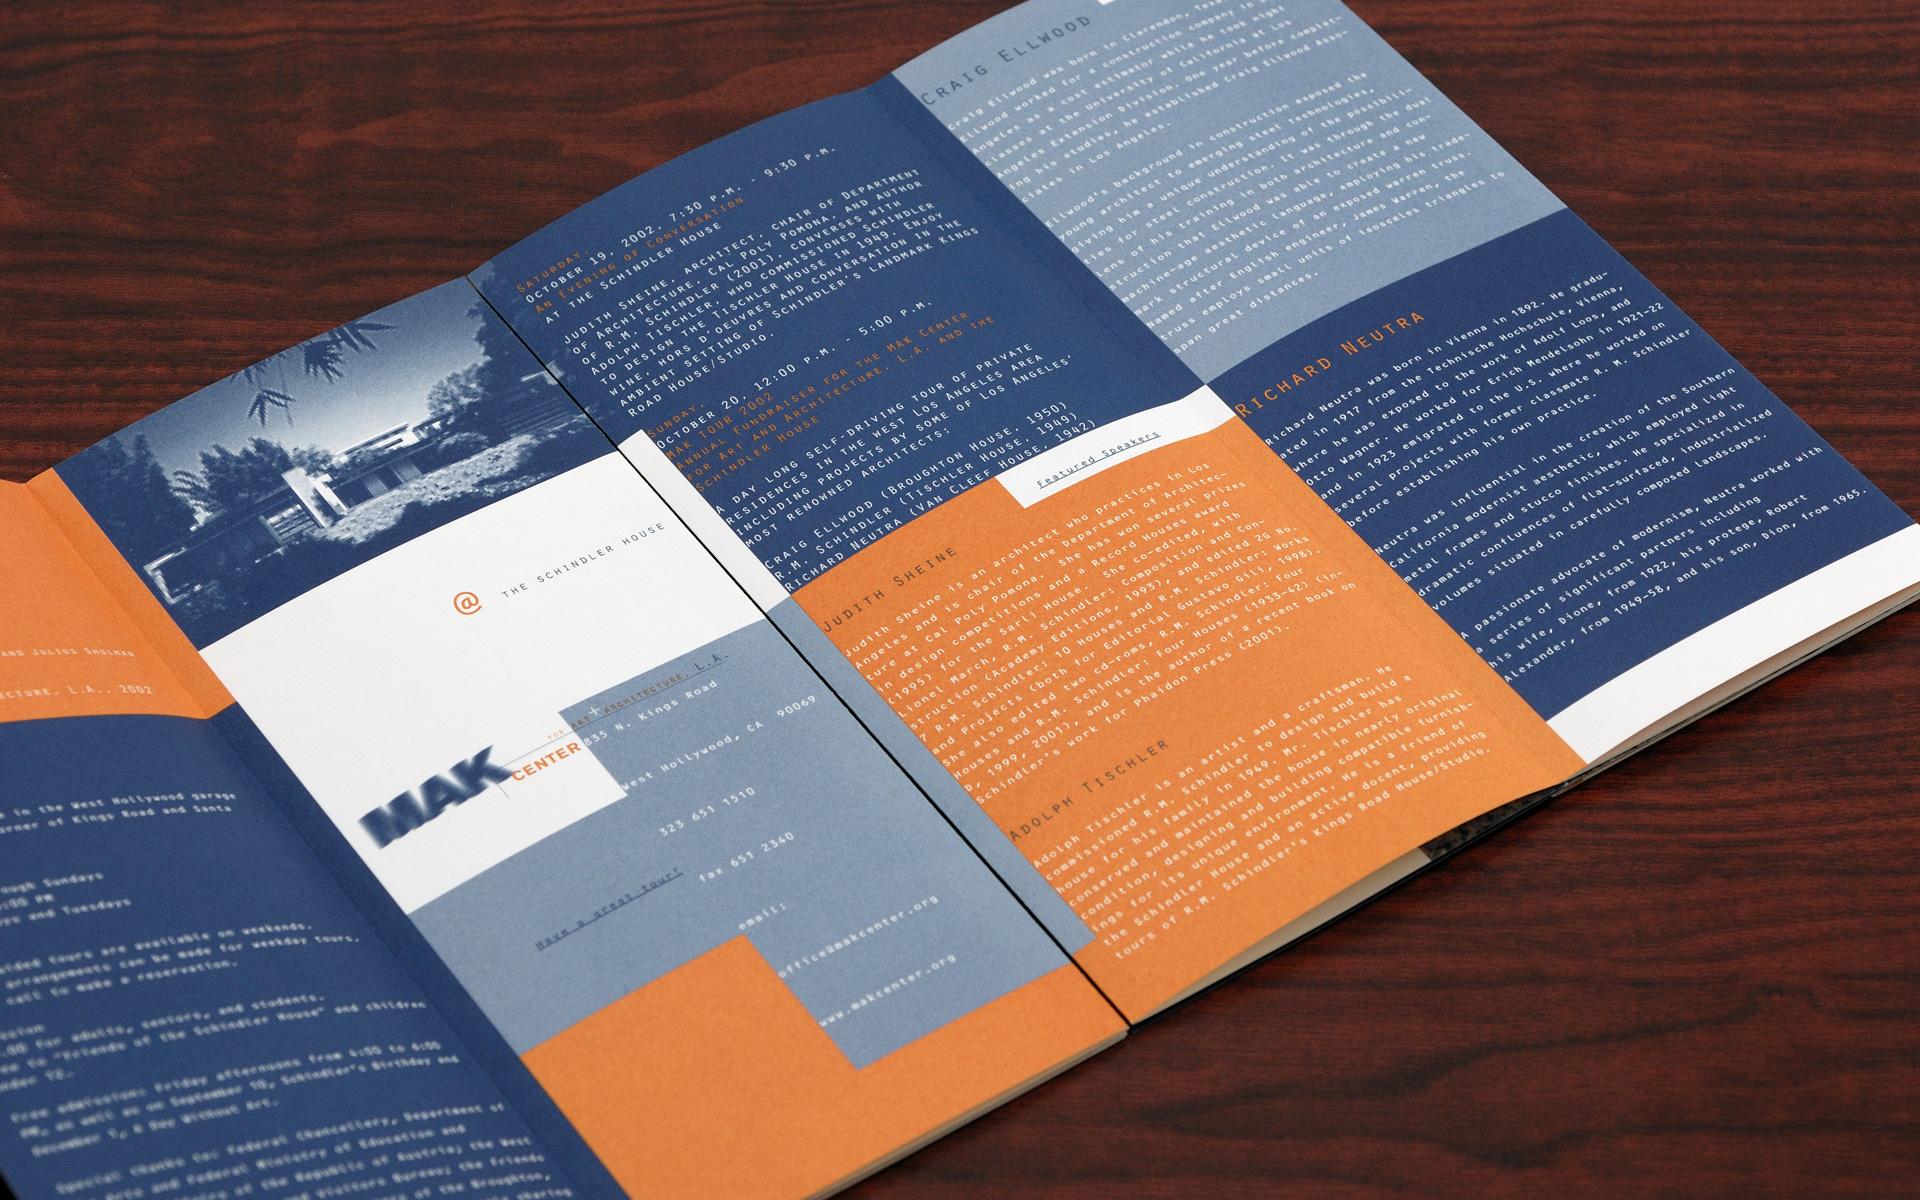 MAK_Center_Brochure_05